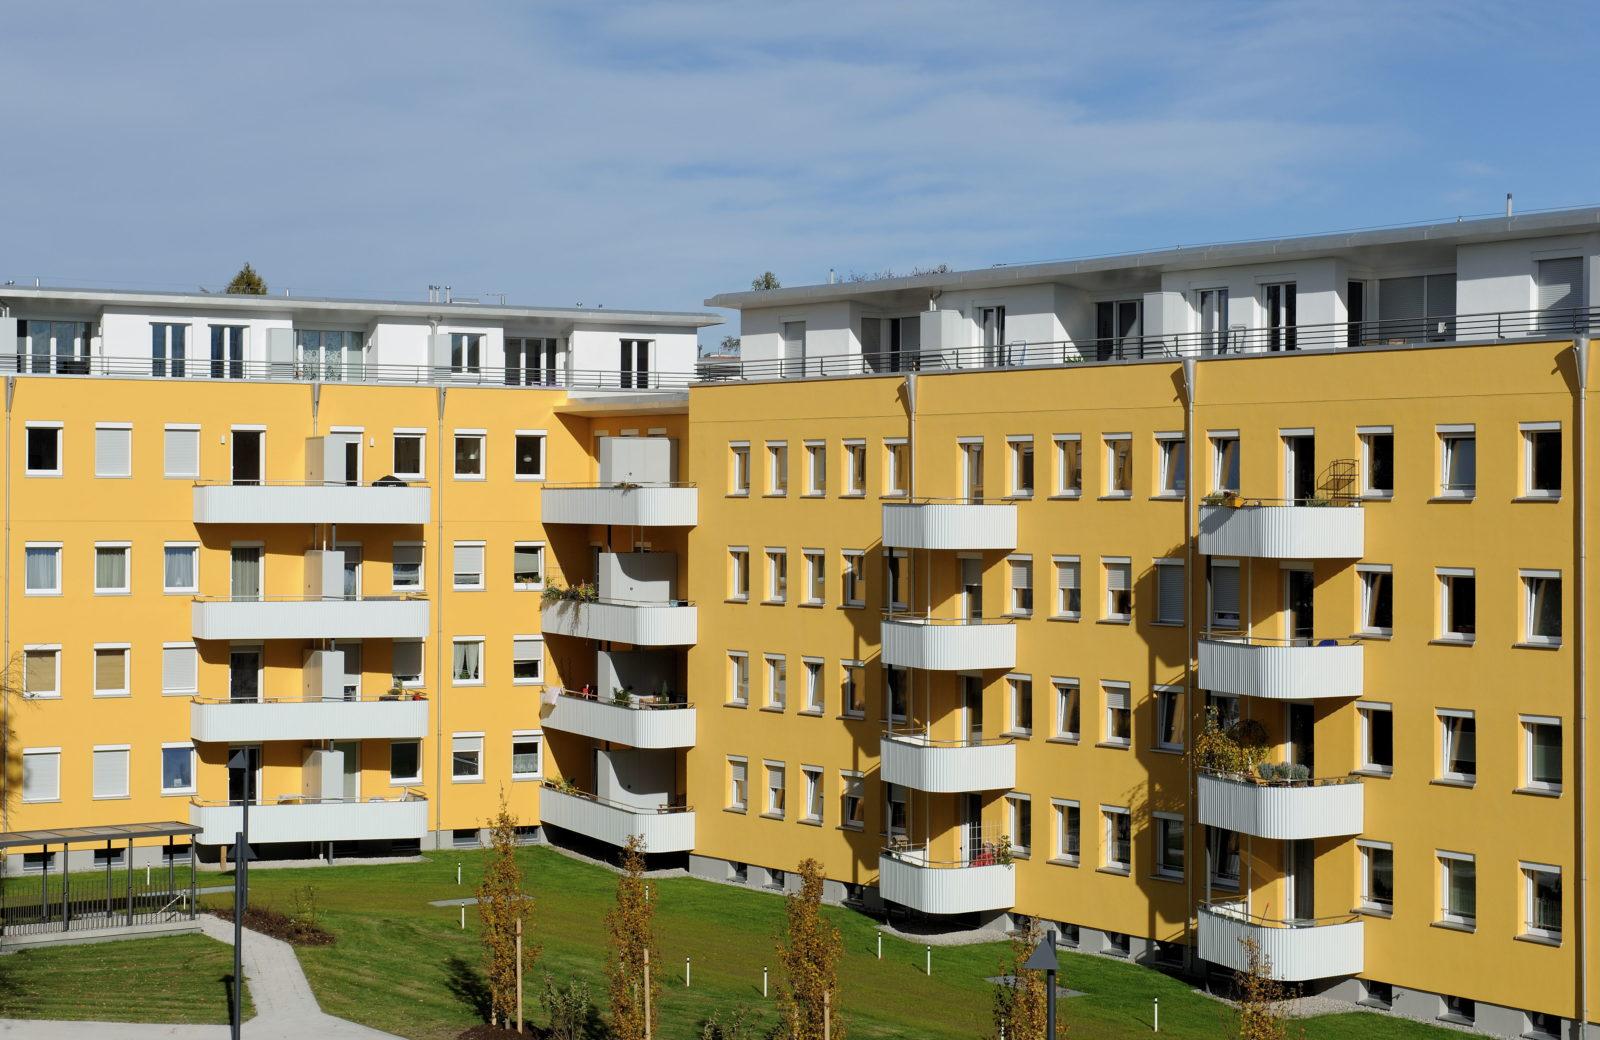 Wohnraum in Großstädten ist knapp. Hier helfen Dachaufstockungen in Holzbauweise auf bestehende Wohnsiedlungen für zusätzlichen Wohnraum.